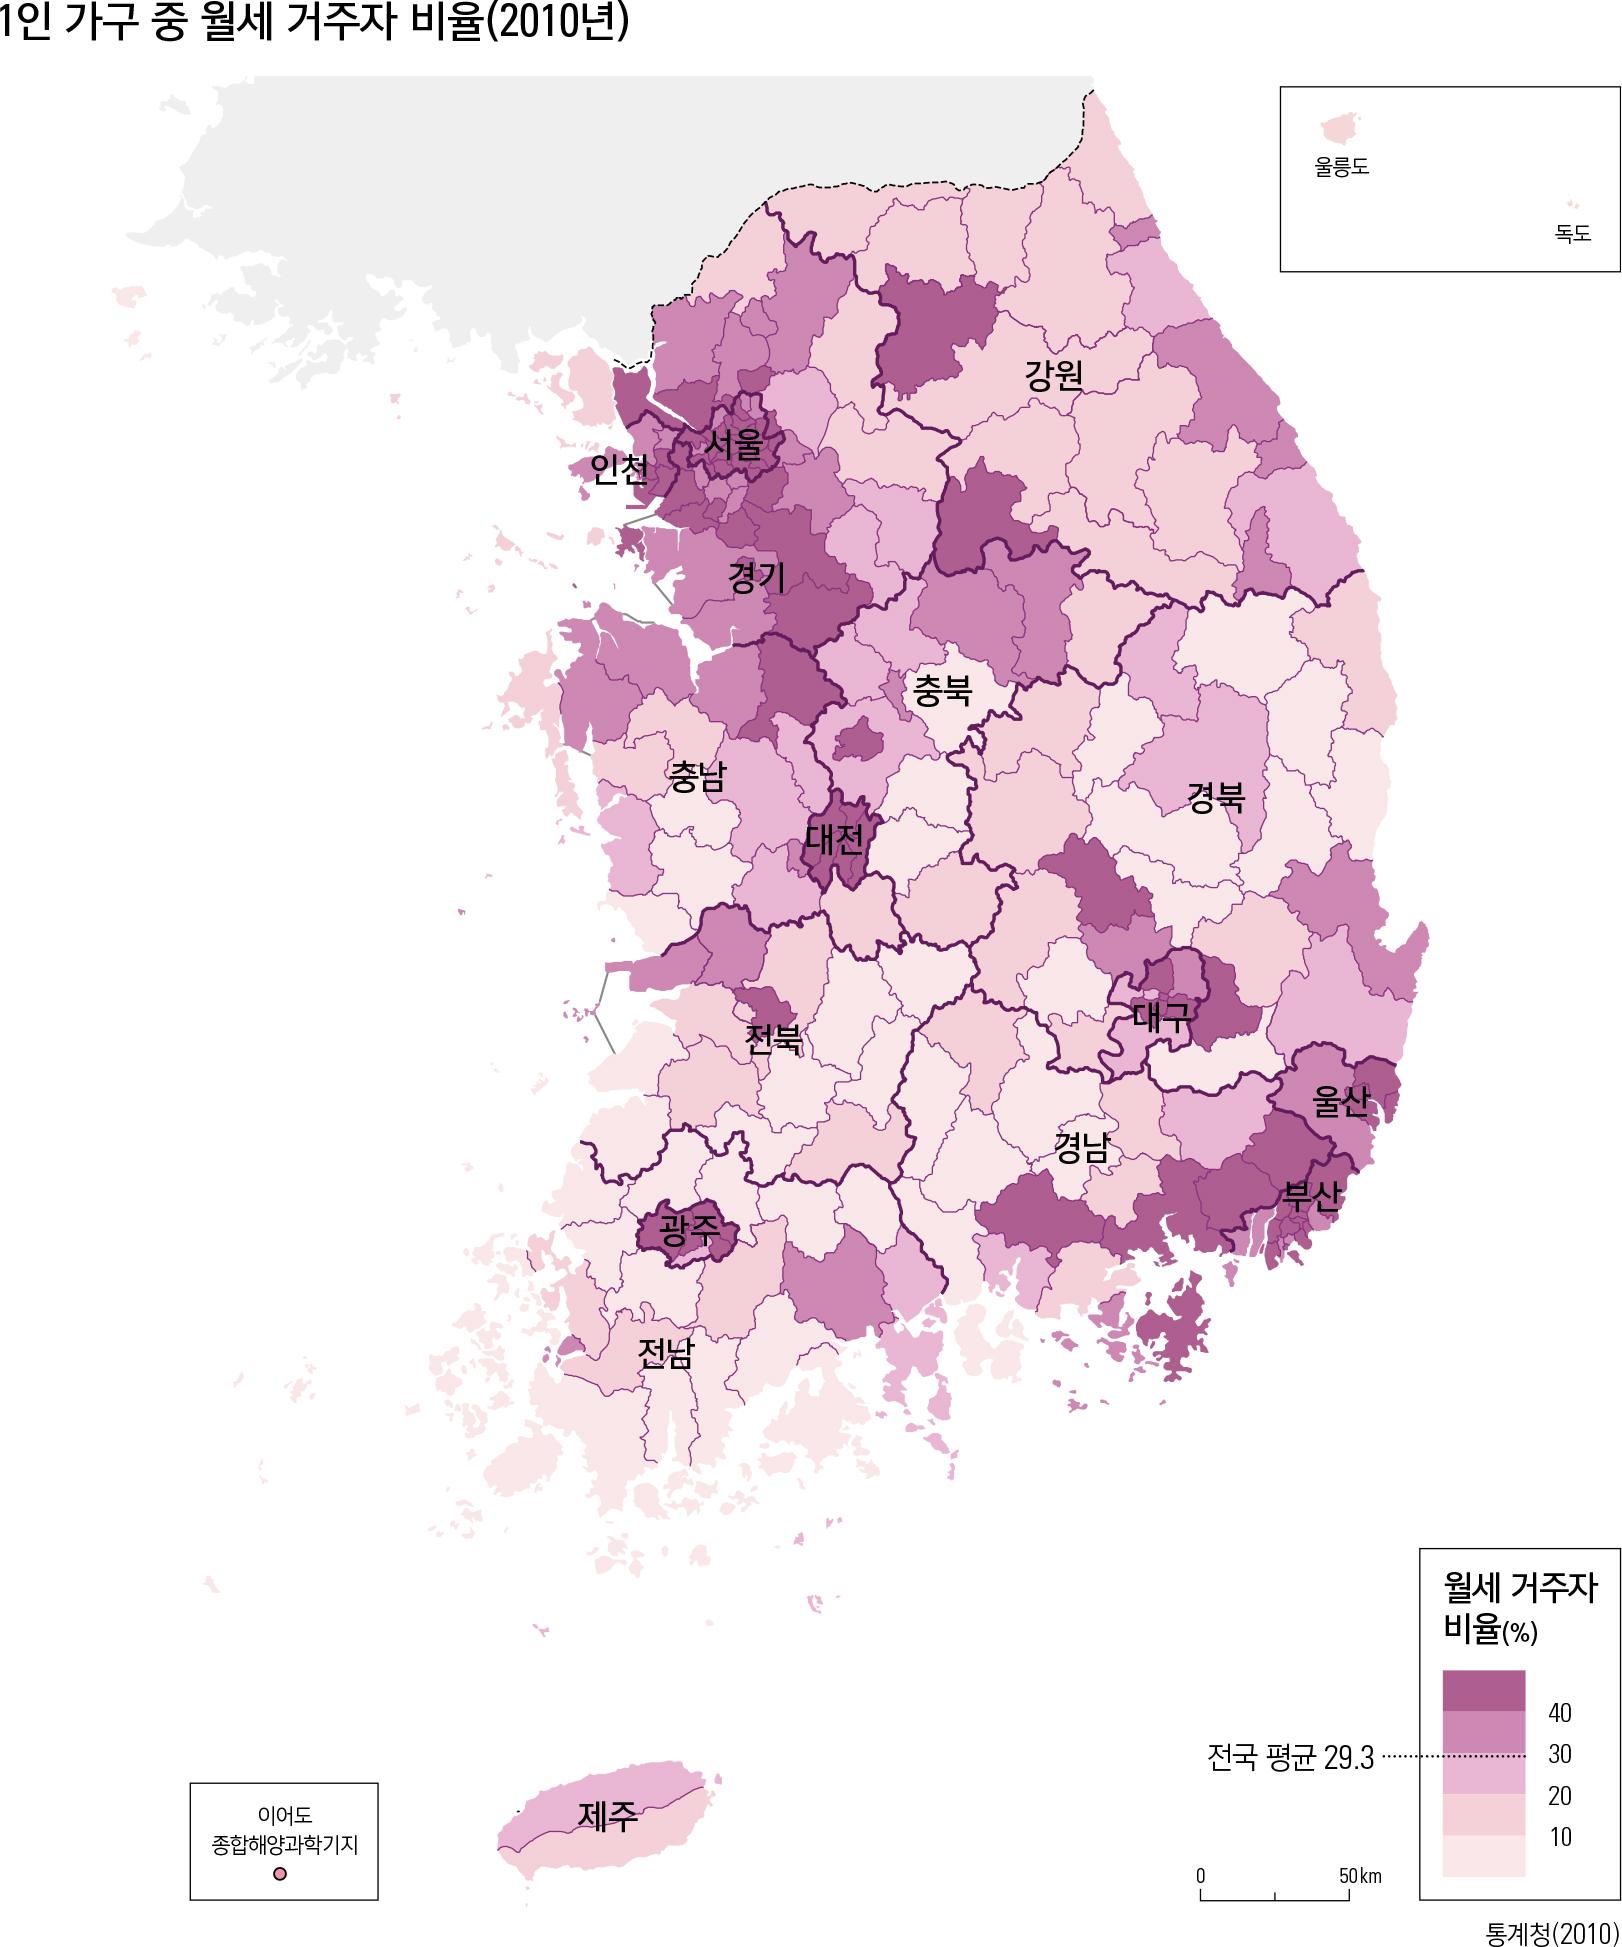 1인 가구 중 월세 거주자 비율(2010년)